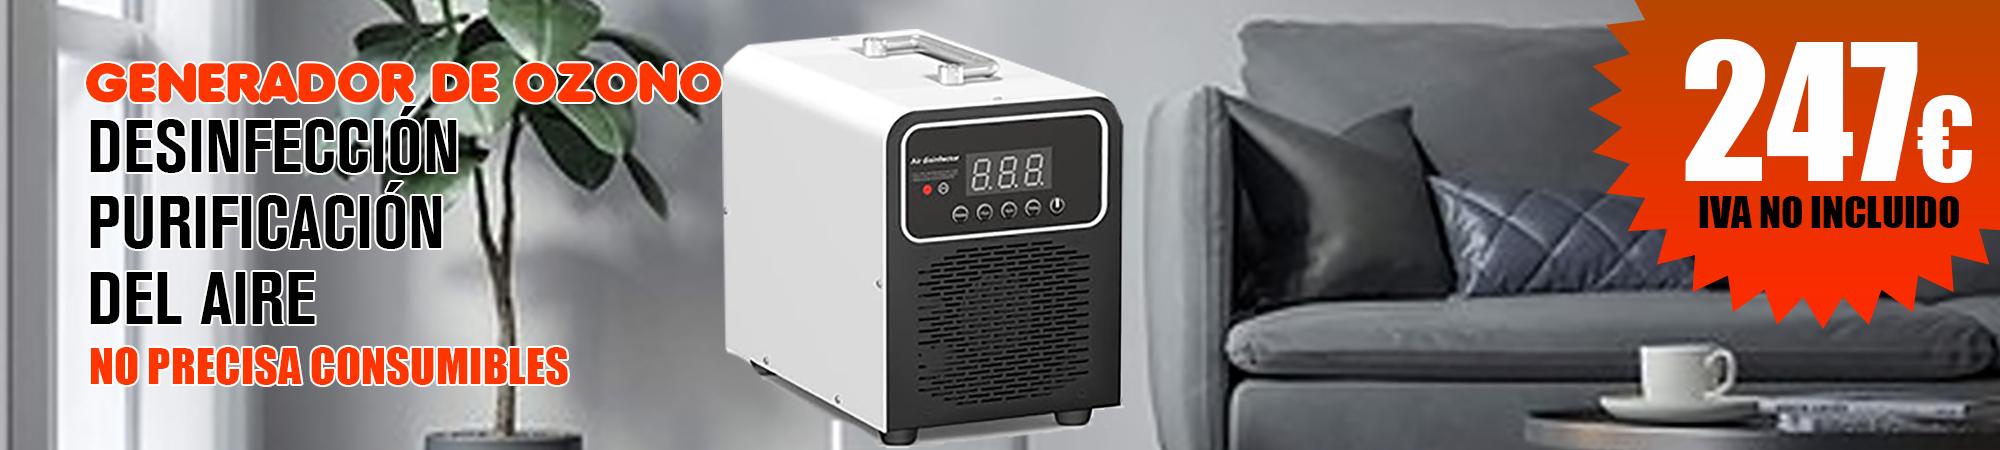 Generador de ozono GEN-0Z05 para desinfección y purificación del aire